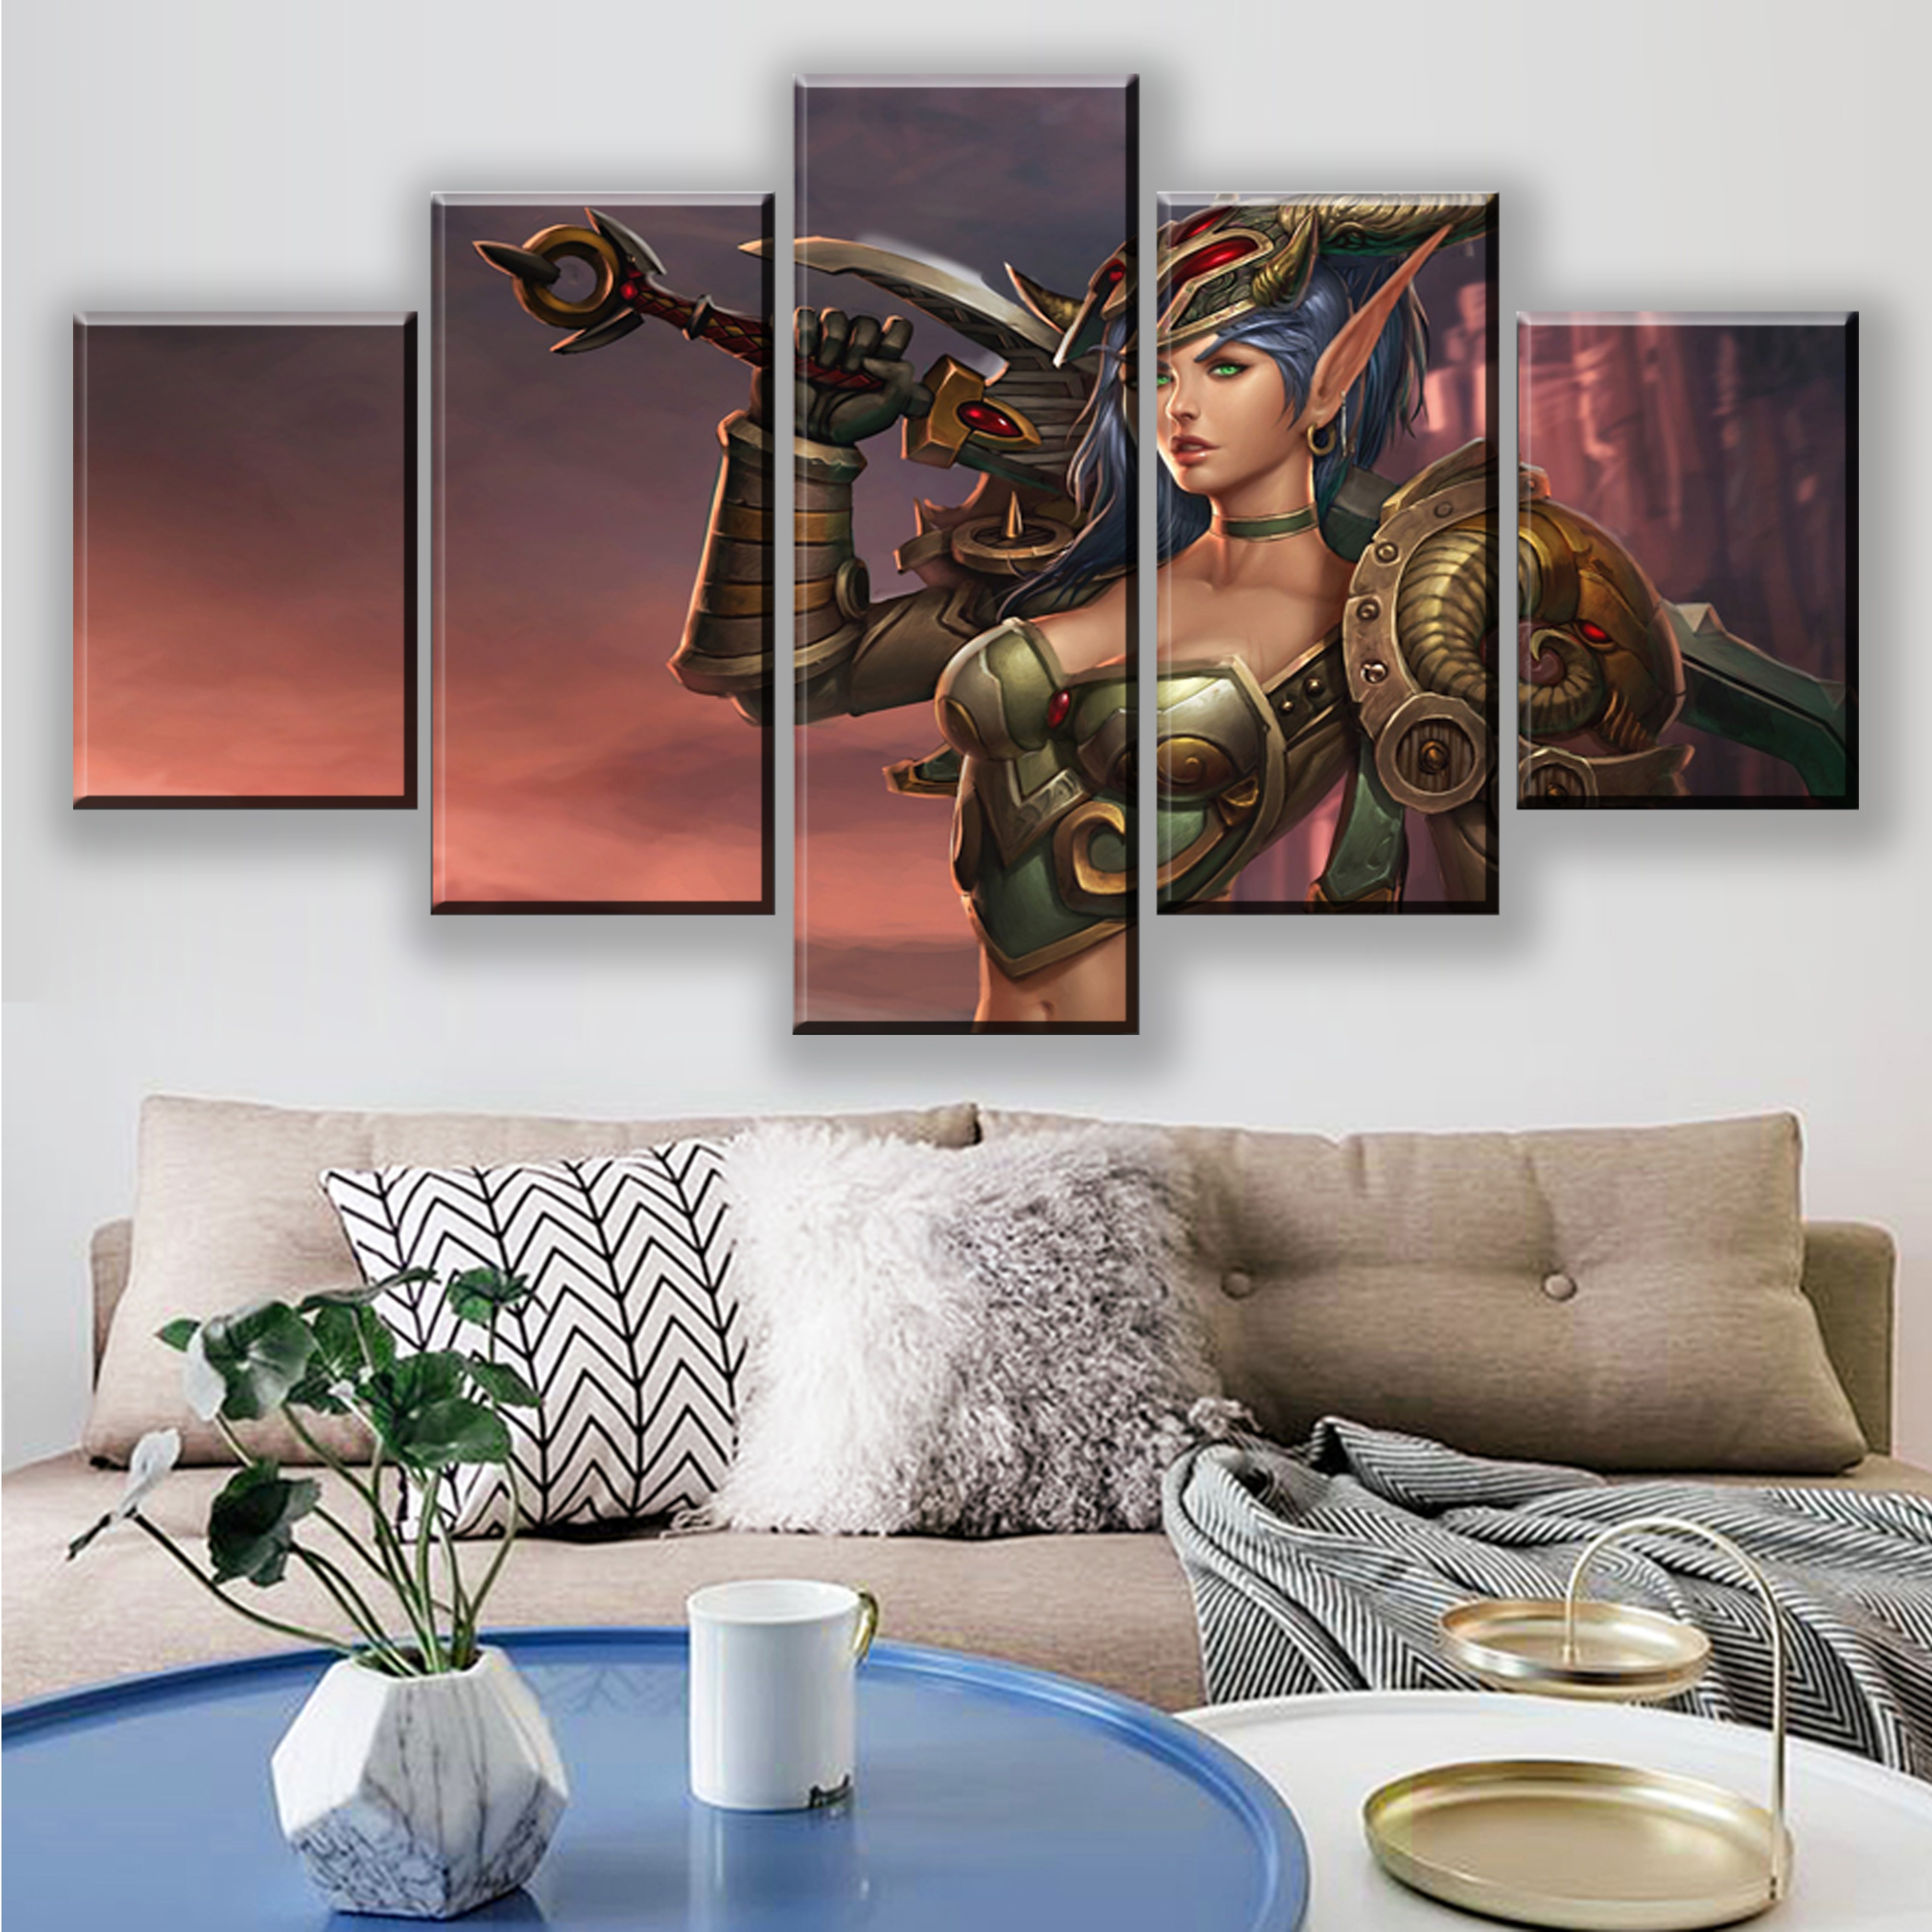 Pósteres de videojuegos HD de 5 piezas, pósteres de World of Warframe, pinturas en lienzo, cuadro decorativo para el hogar